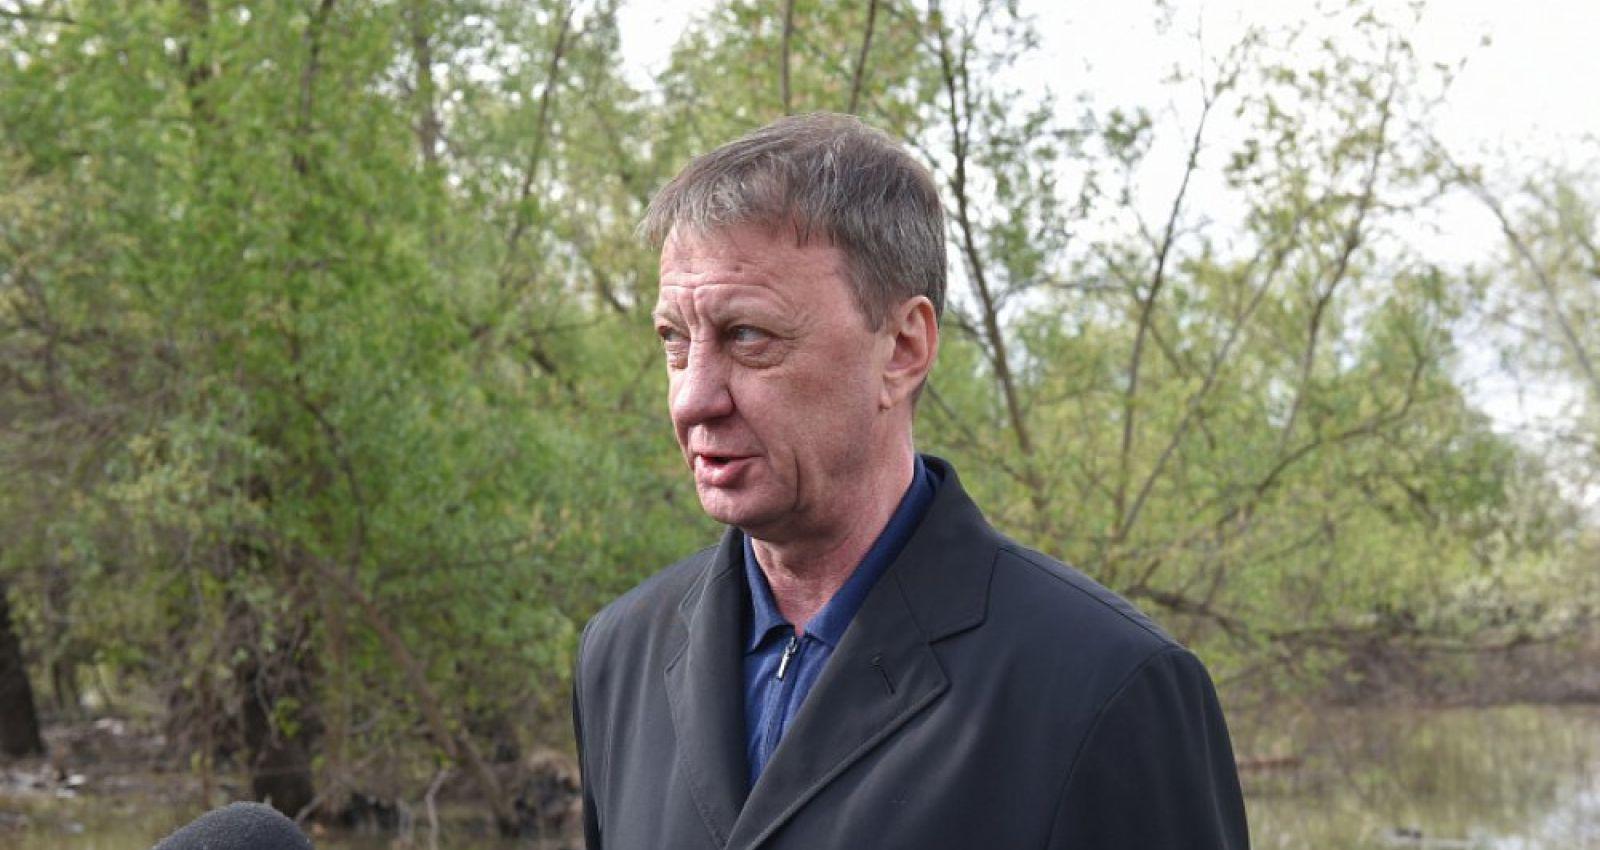 Глава Барнаула принял участие в Общероссийском голосовании по поправкам в Конституцию